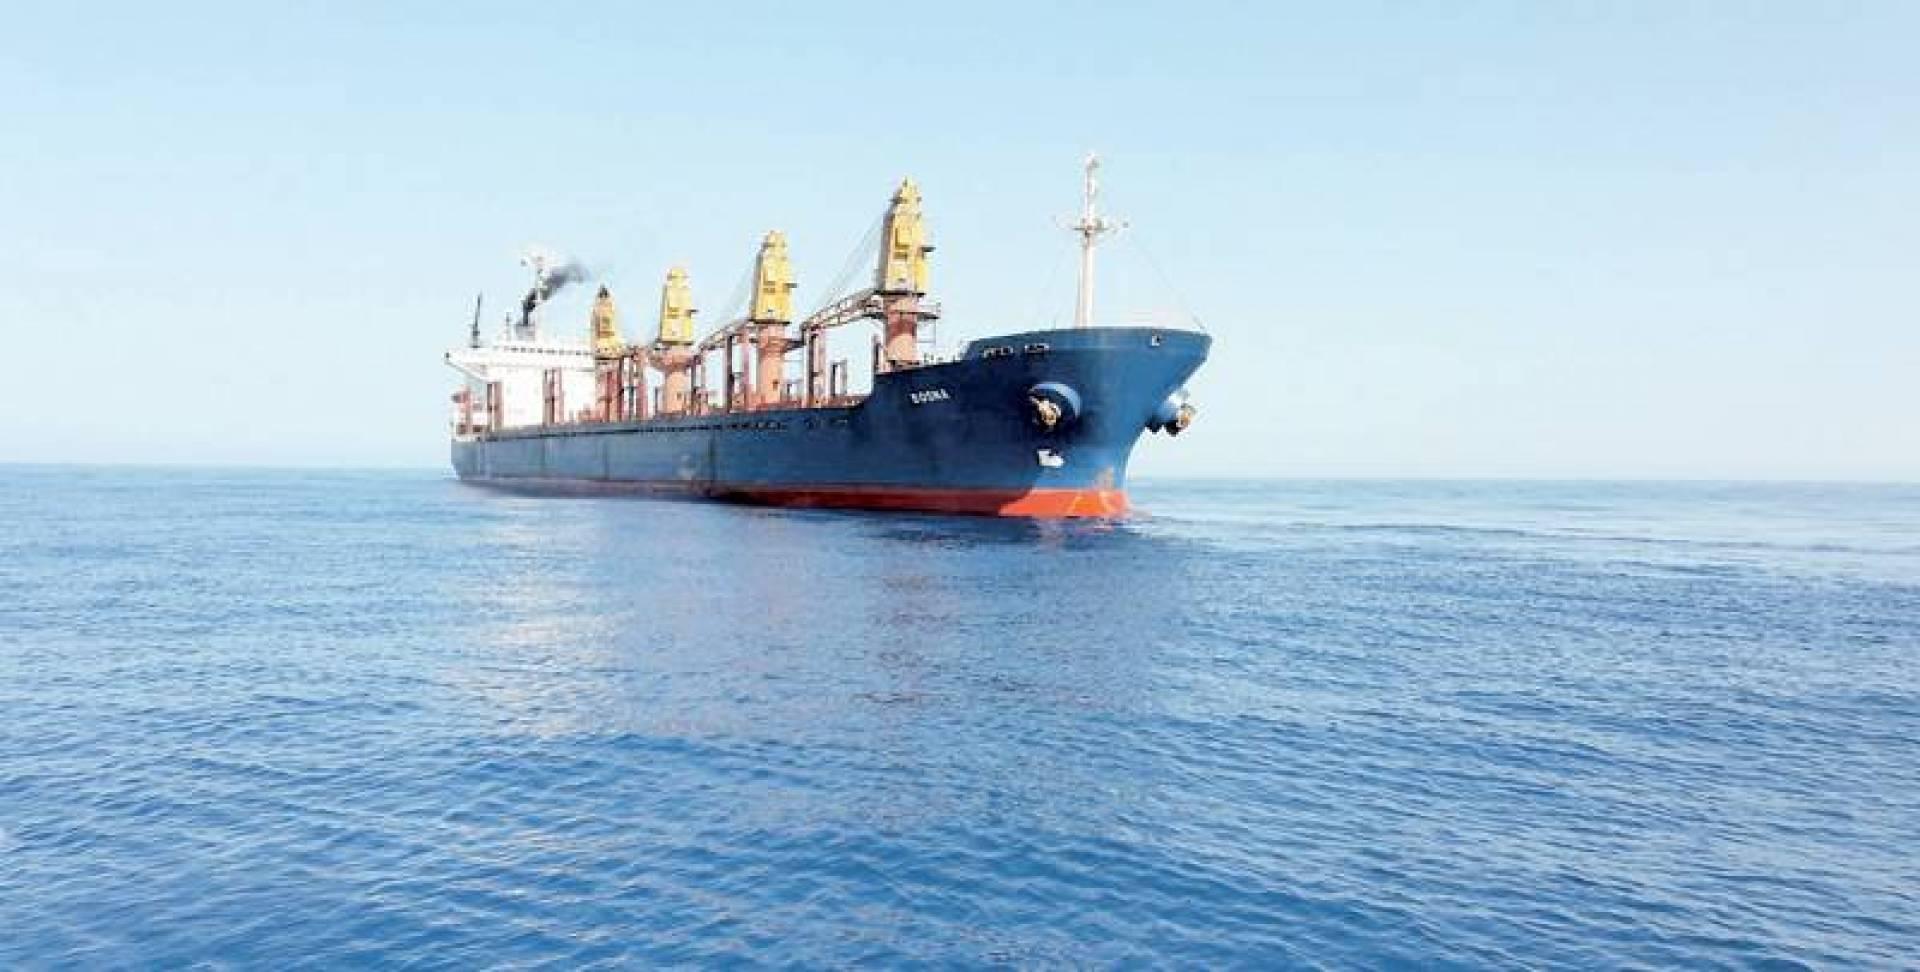 أمن الملاحة البحرية يمثل الهاجس الأكبر لإمدادات النفط